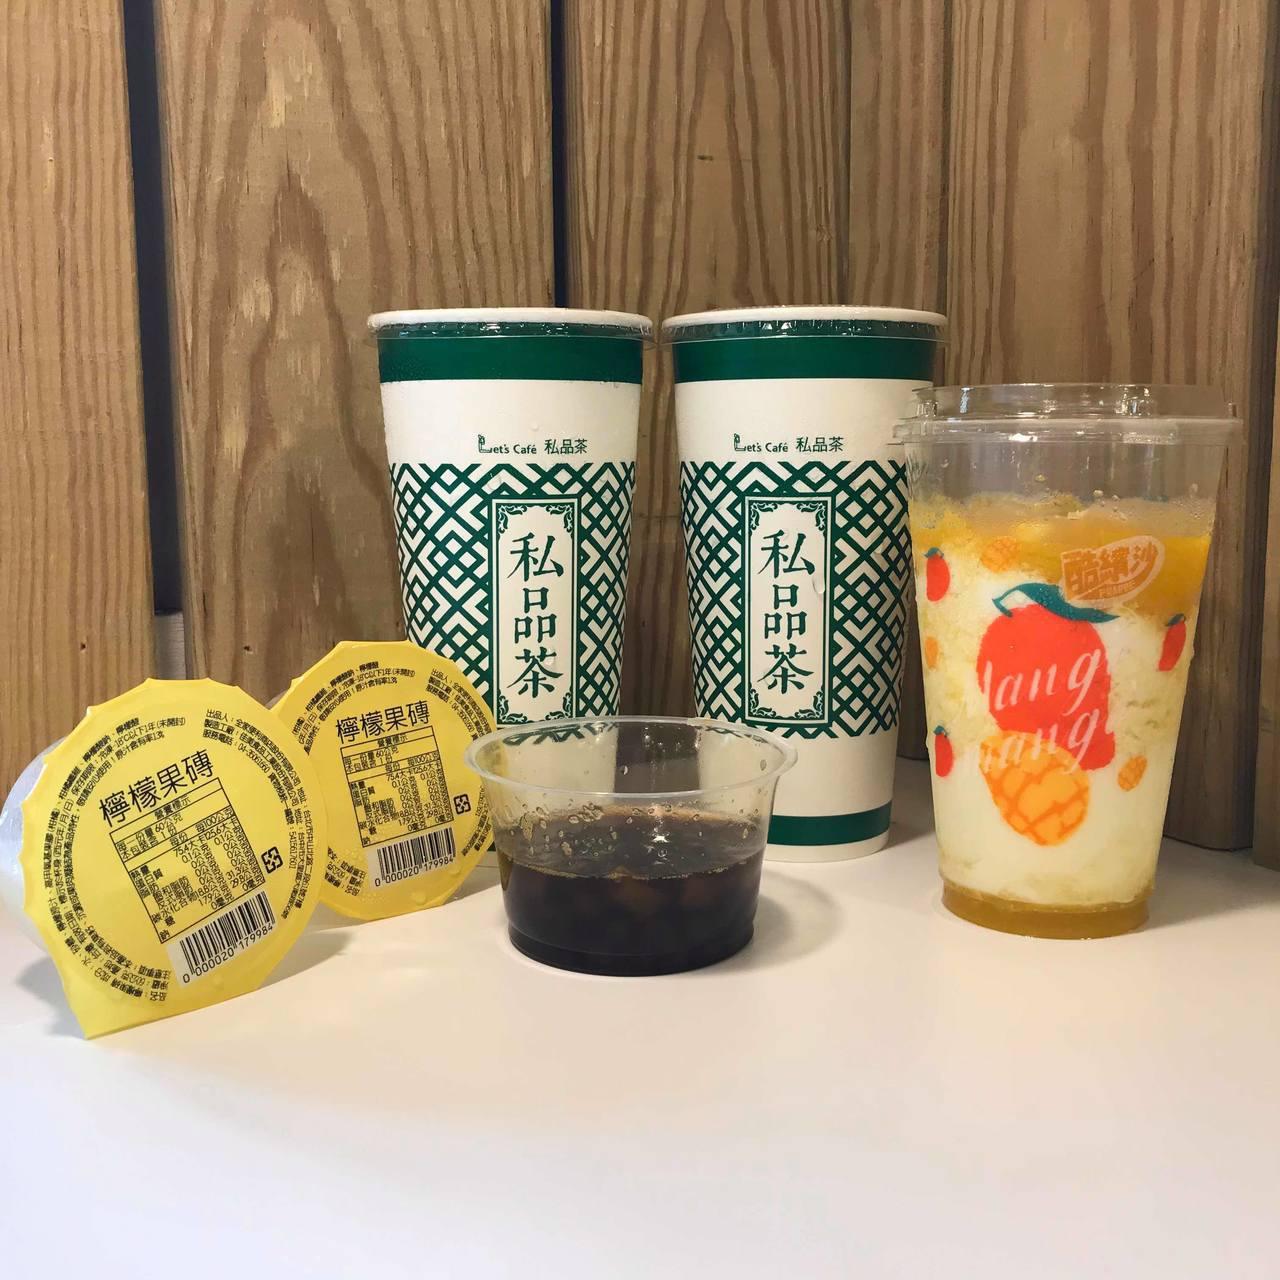 全家便利商店新推出「焦糖珍珠Q奶」、「夏日檸檬飲」、「芒果牛奶酷繽沙」。記者陳立...